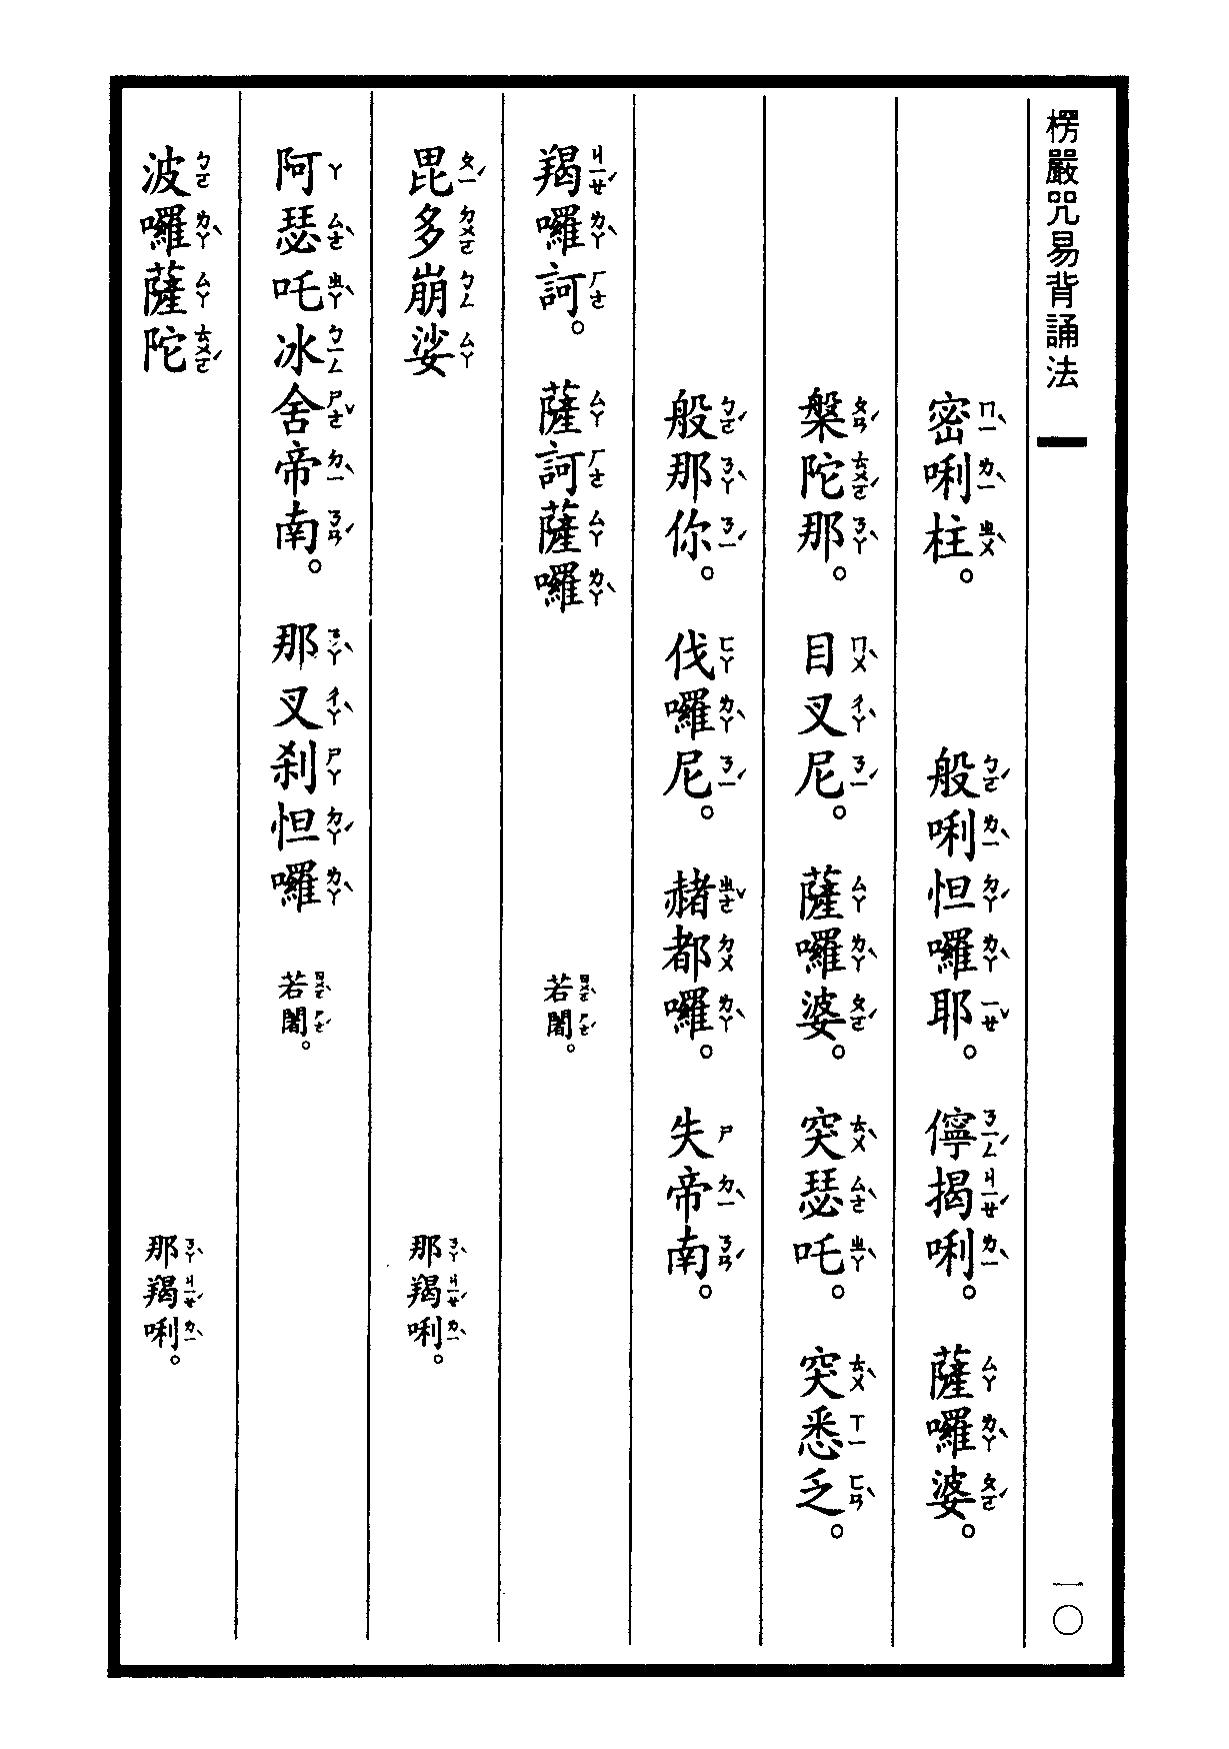 楞嚴咒-大悲咒-十小咒-易背本 16.png